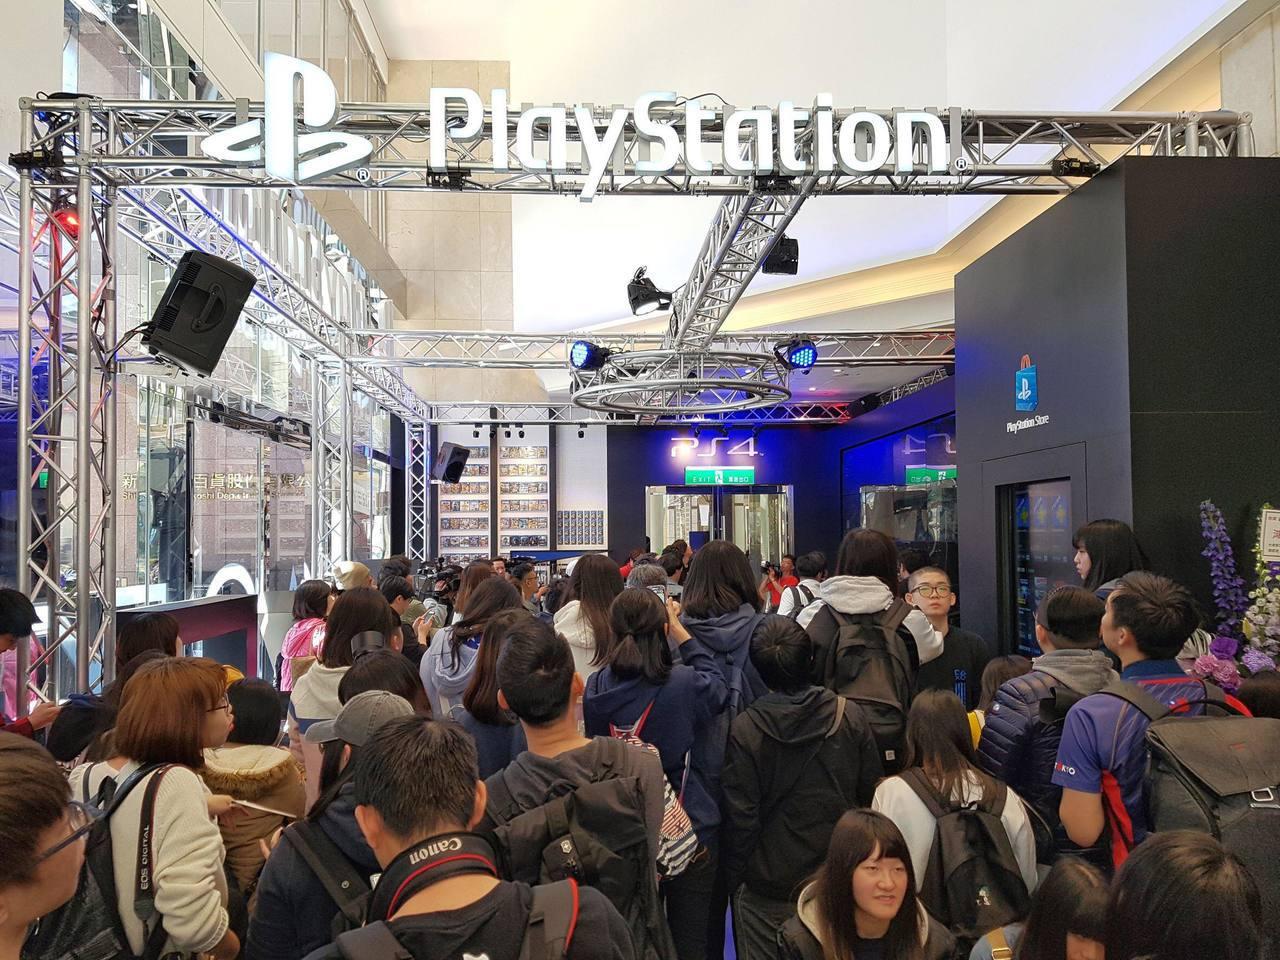 全台第一間PlayStation新型態概念店,吸引大批玩家朝聖。記者陳立凱/攝影